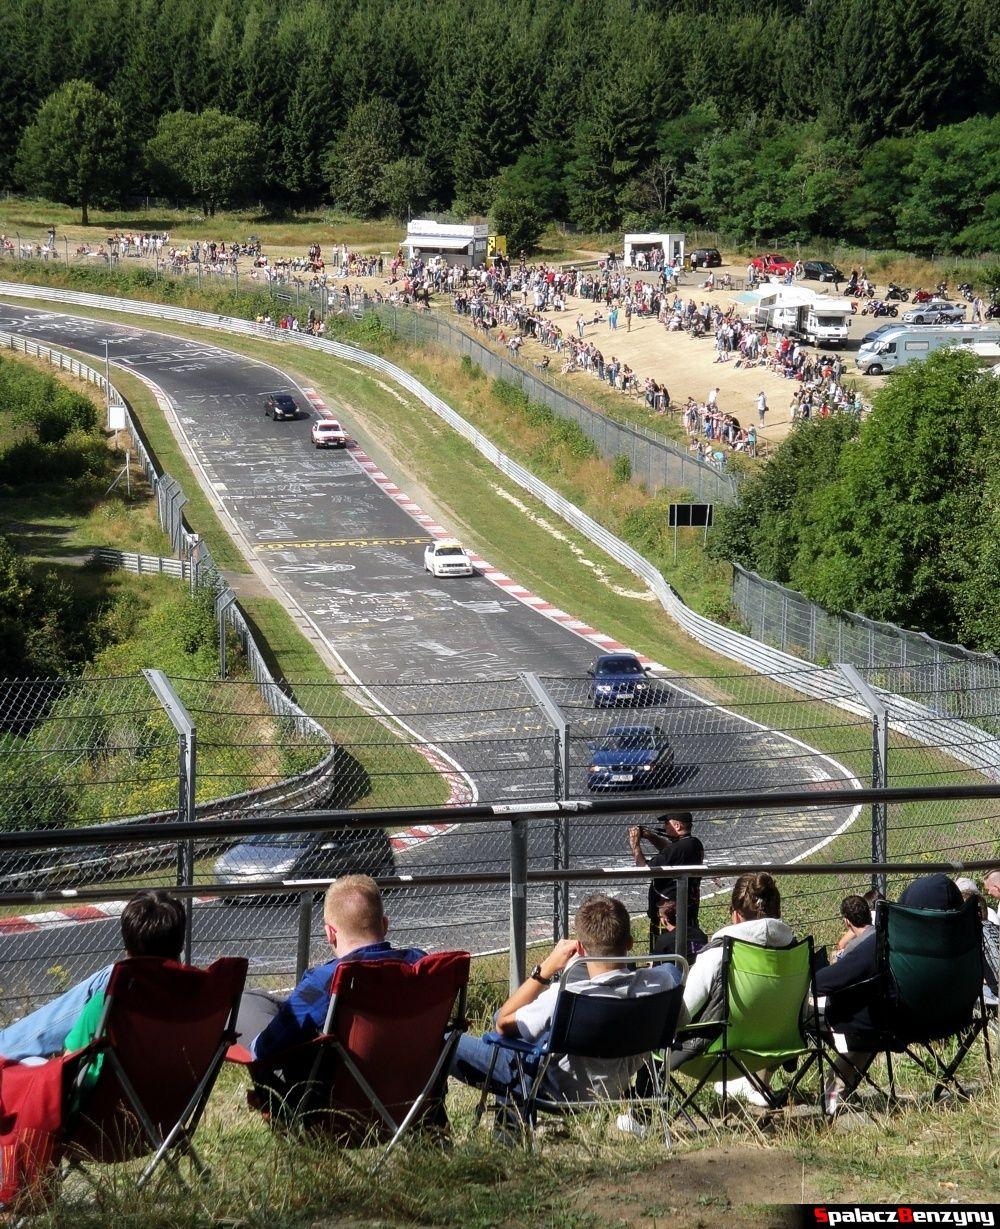 Widokowy zakręt z publicznością na Północnej Pętli Nurburgringu